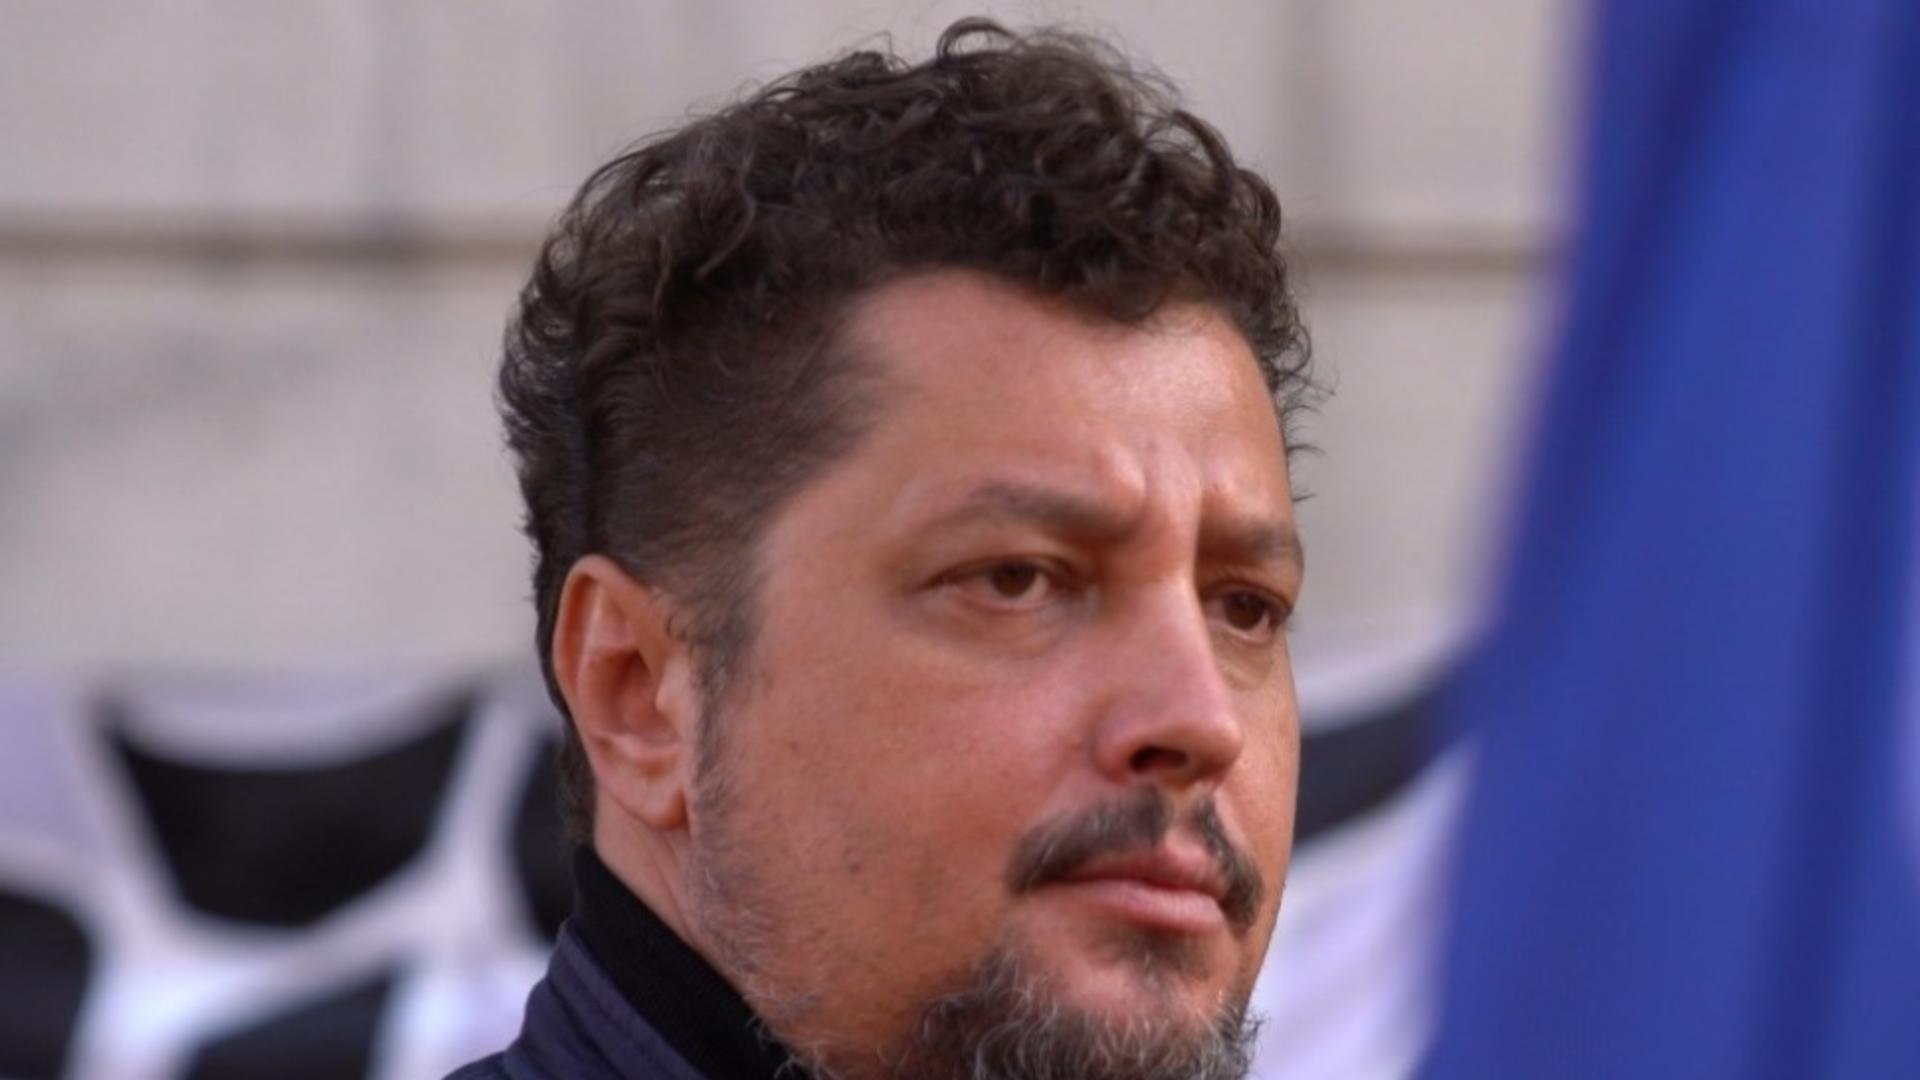 Claudiu Târziu, copreședinte AUR